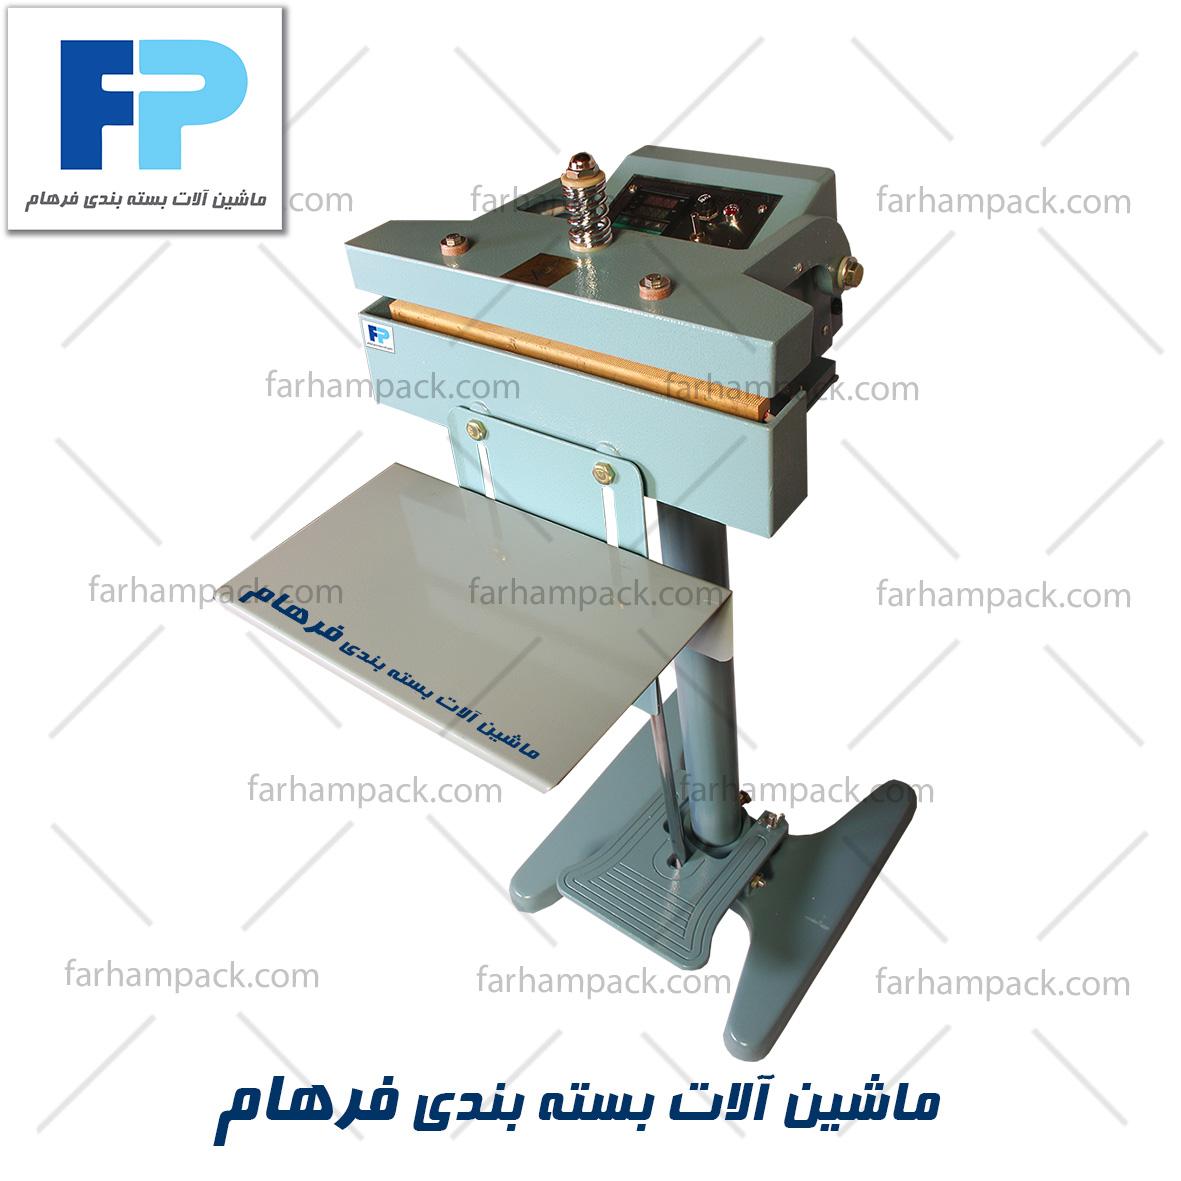 از دستگاه دوخت حرارتی در واحدهای تولیدی، کارگاه های کوچک و کارخانجات صنعتی می توان استفاده کرد .